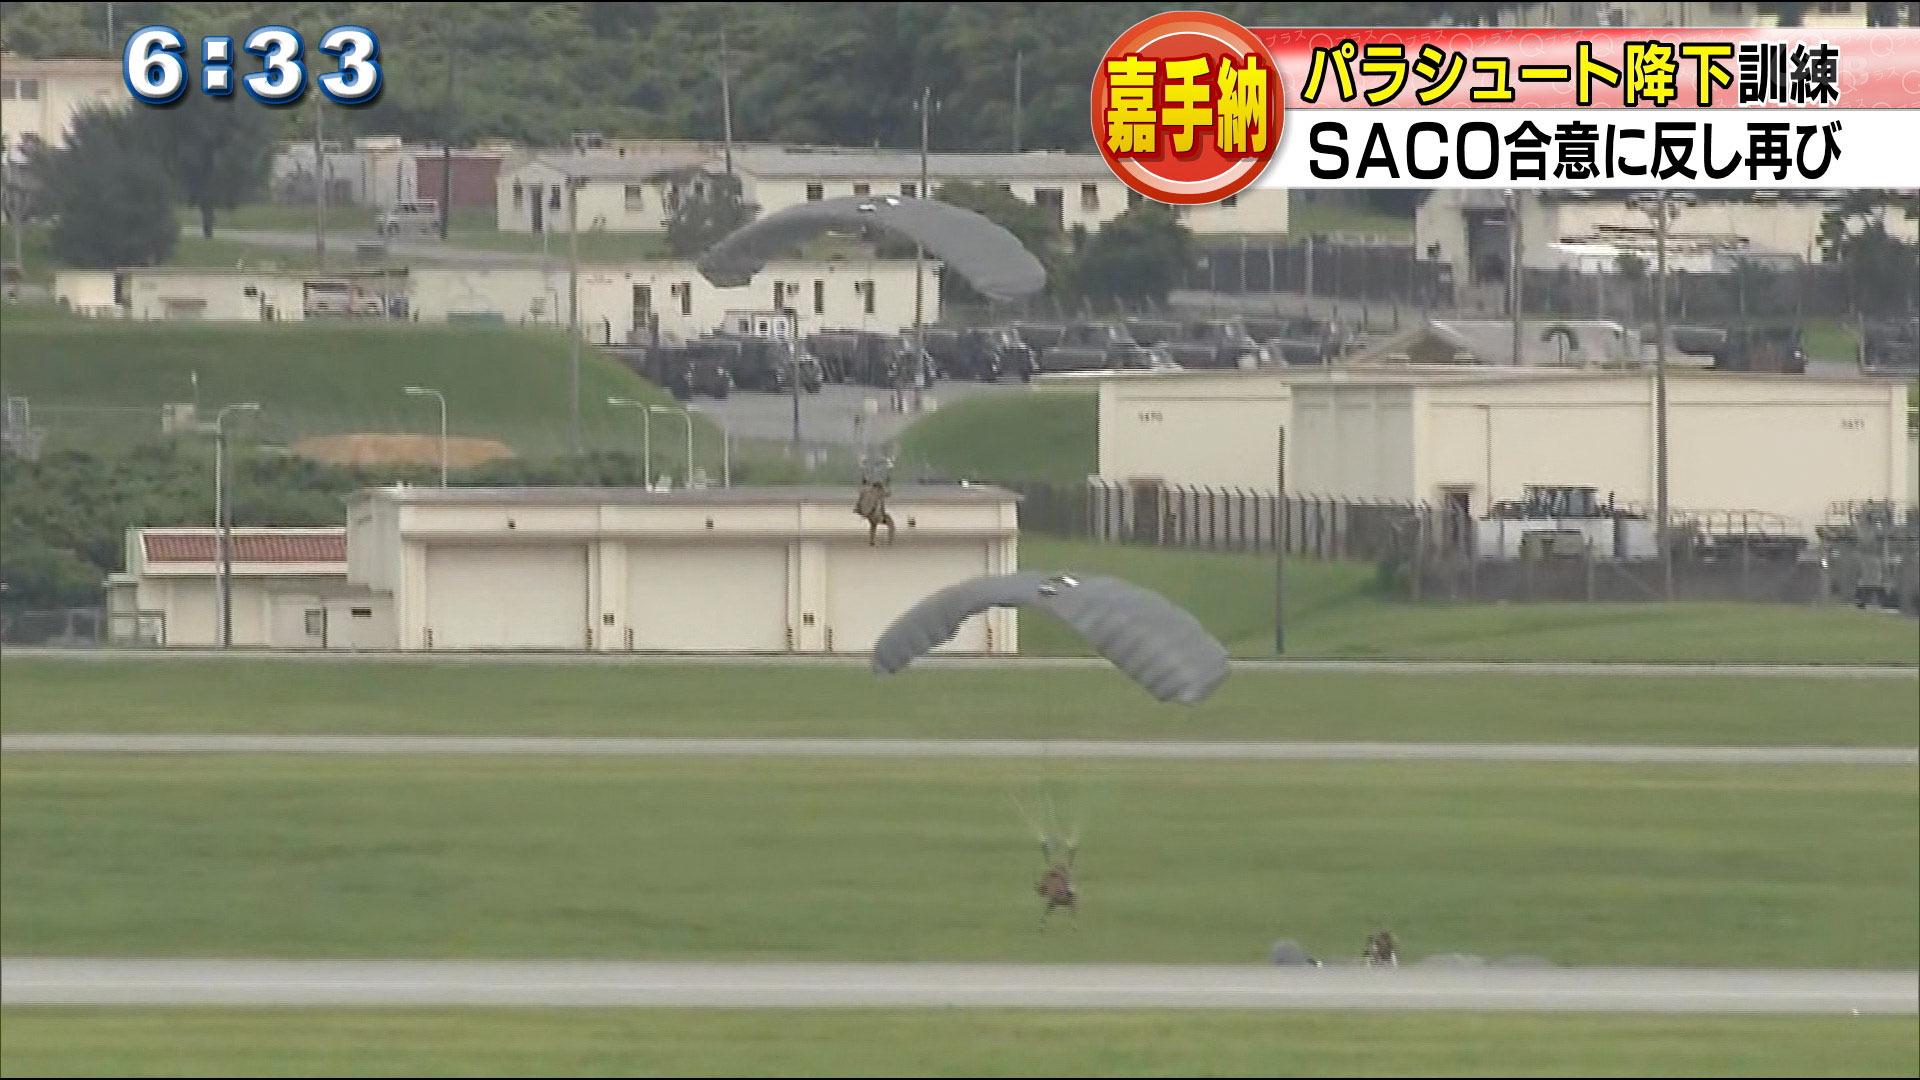 嘉手納基地でパラシュート降下訓練